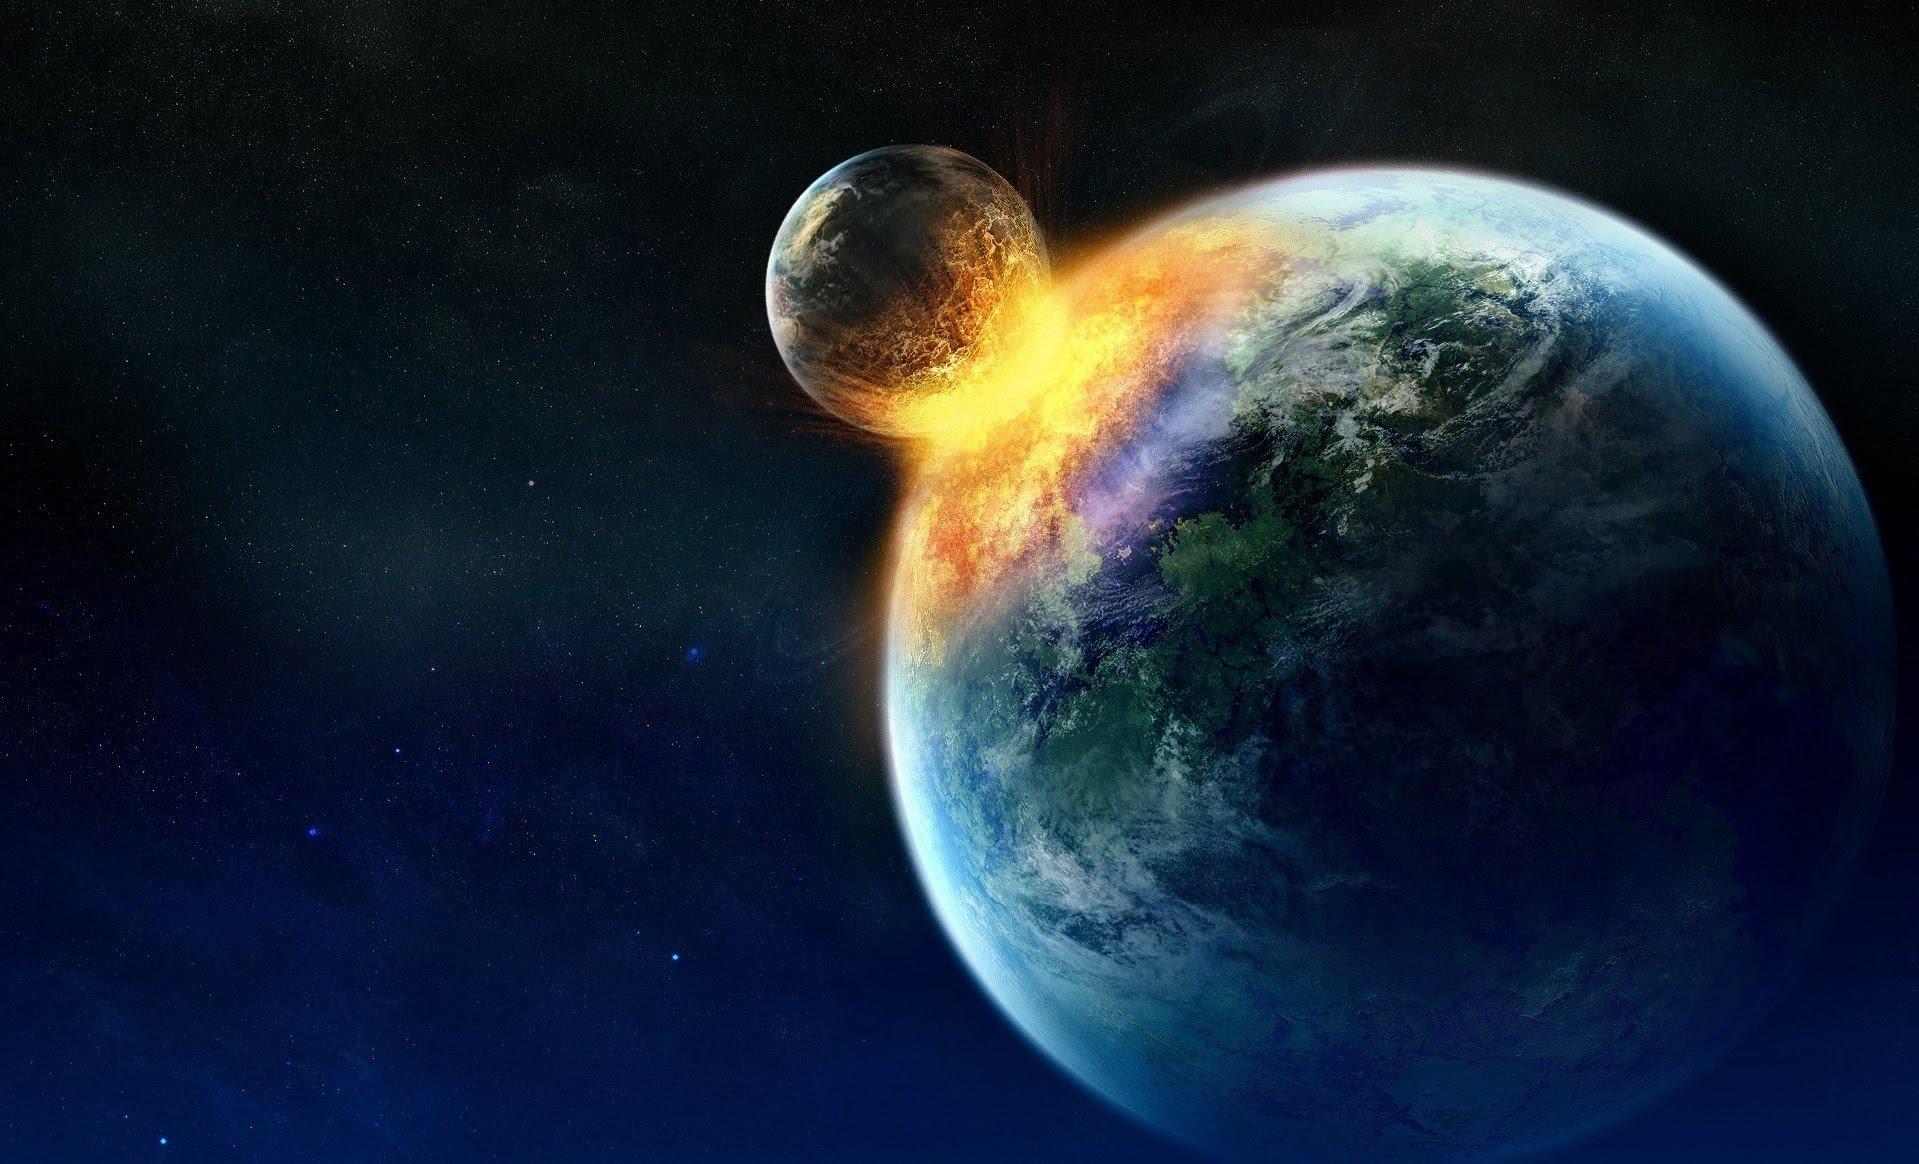 Alimlər, Yer kürəsi ilə Ayın toqquşacağı vaxtı təyin ediblər